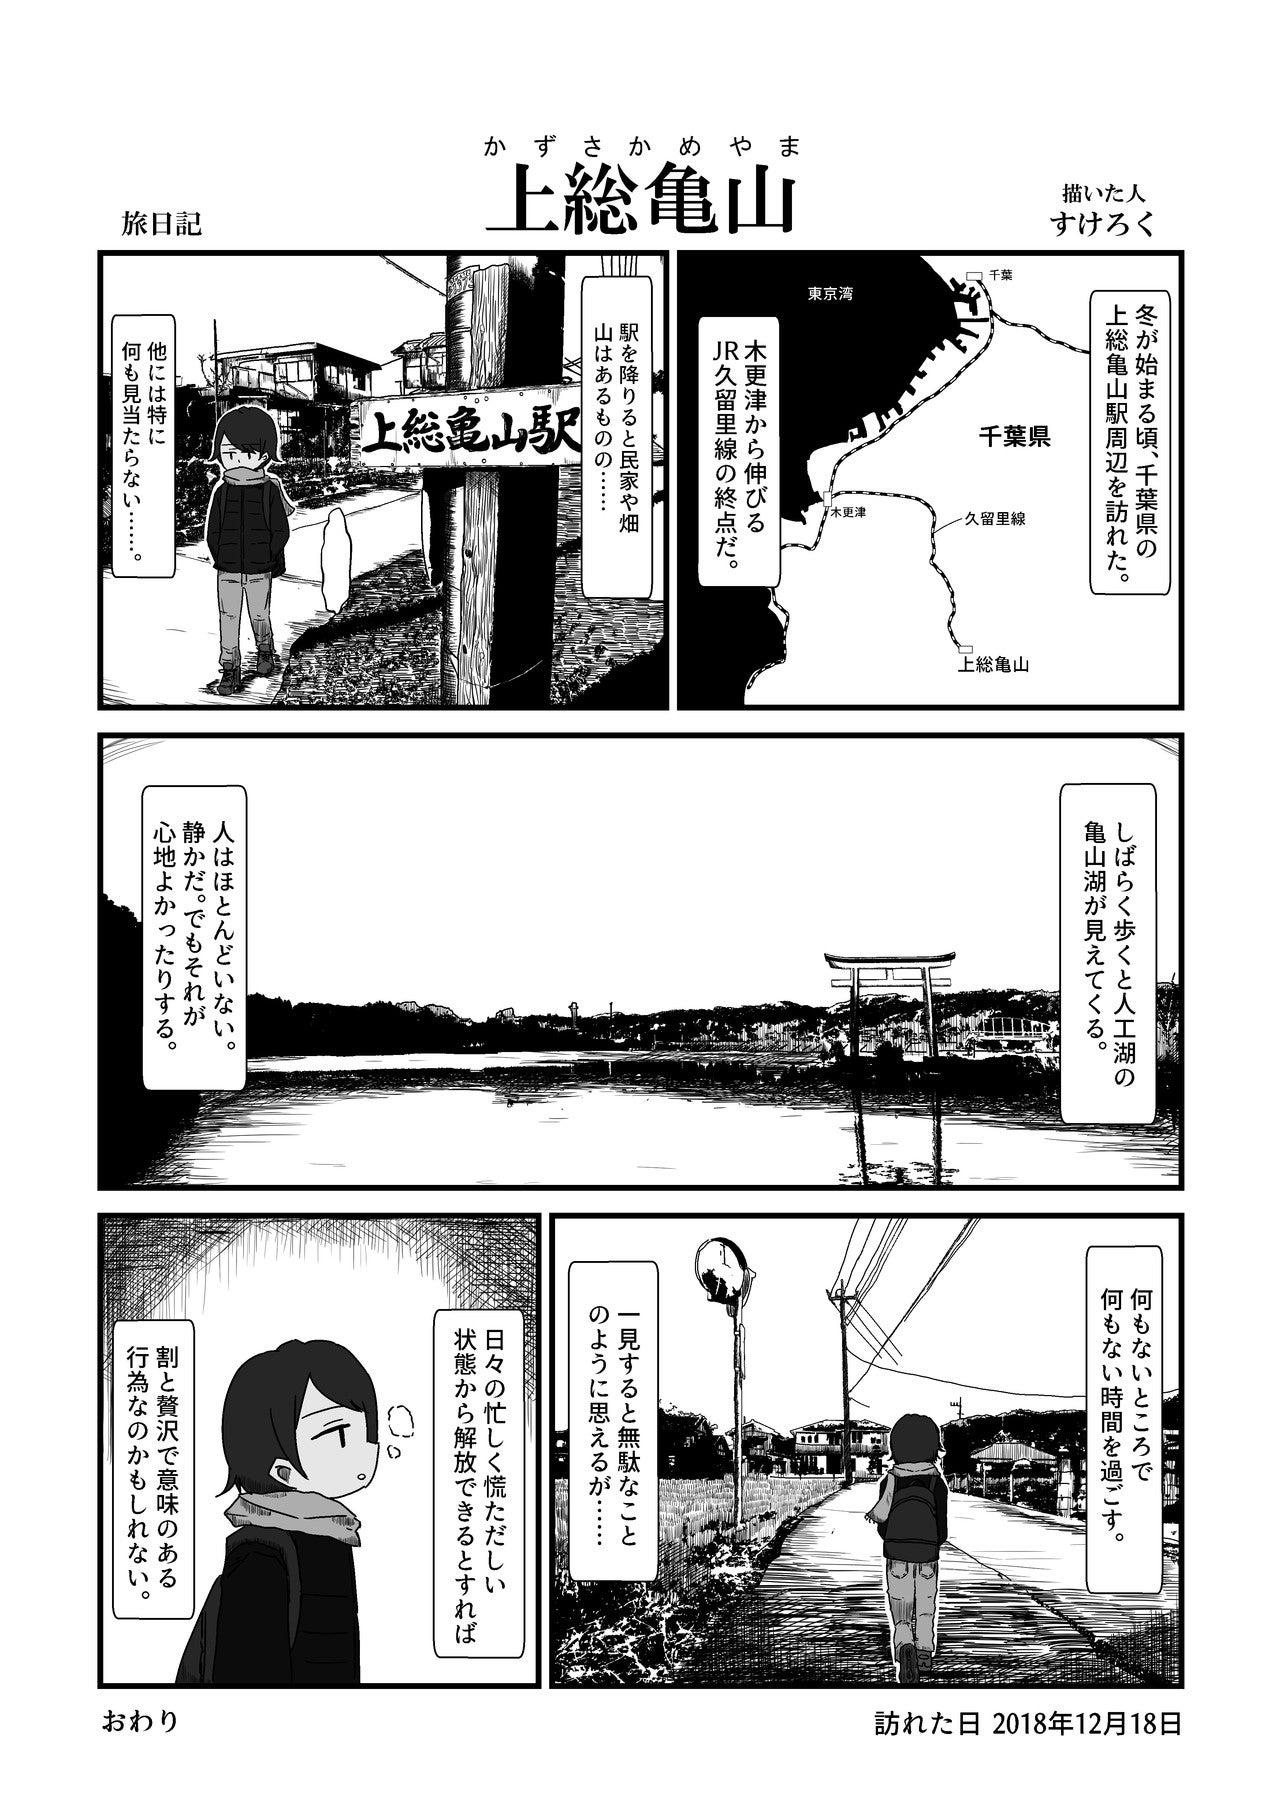 2019.5.1_旅漫画_上総亀山_